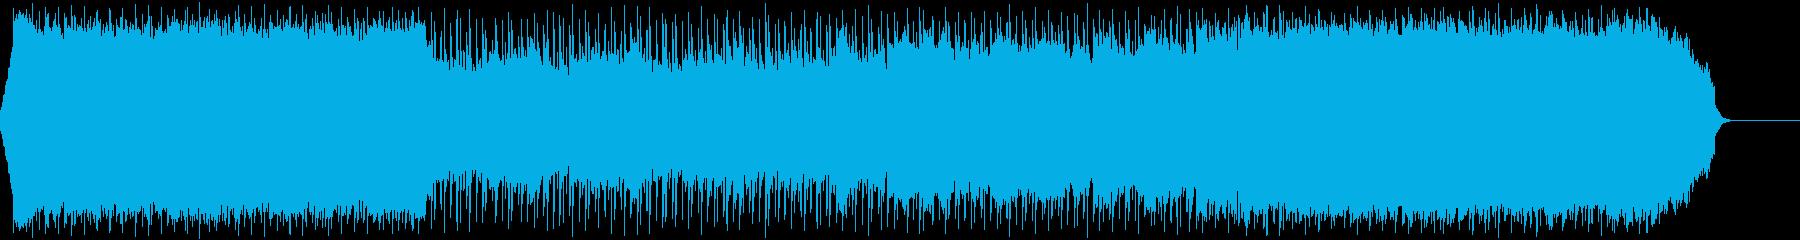 爽やか・ロック・青空・オープニングの再生済みの波形